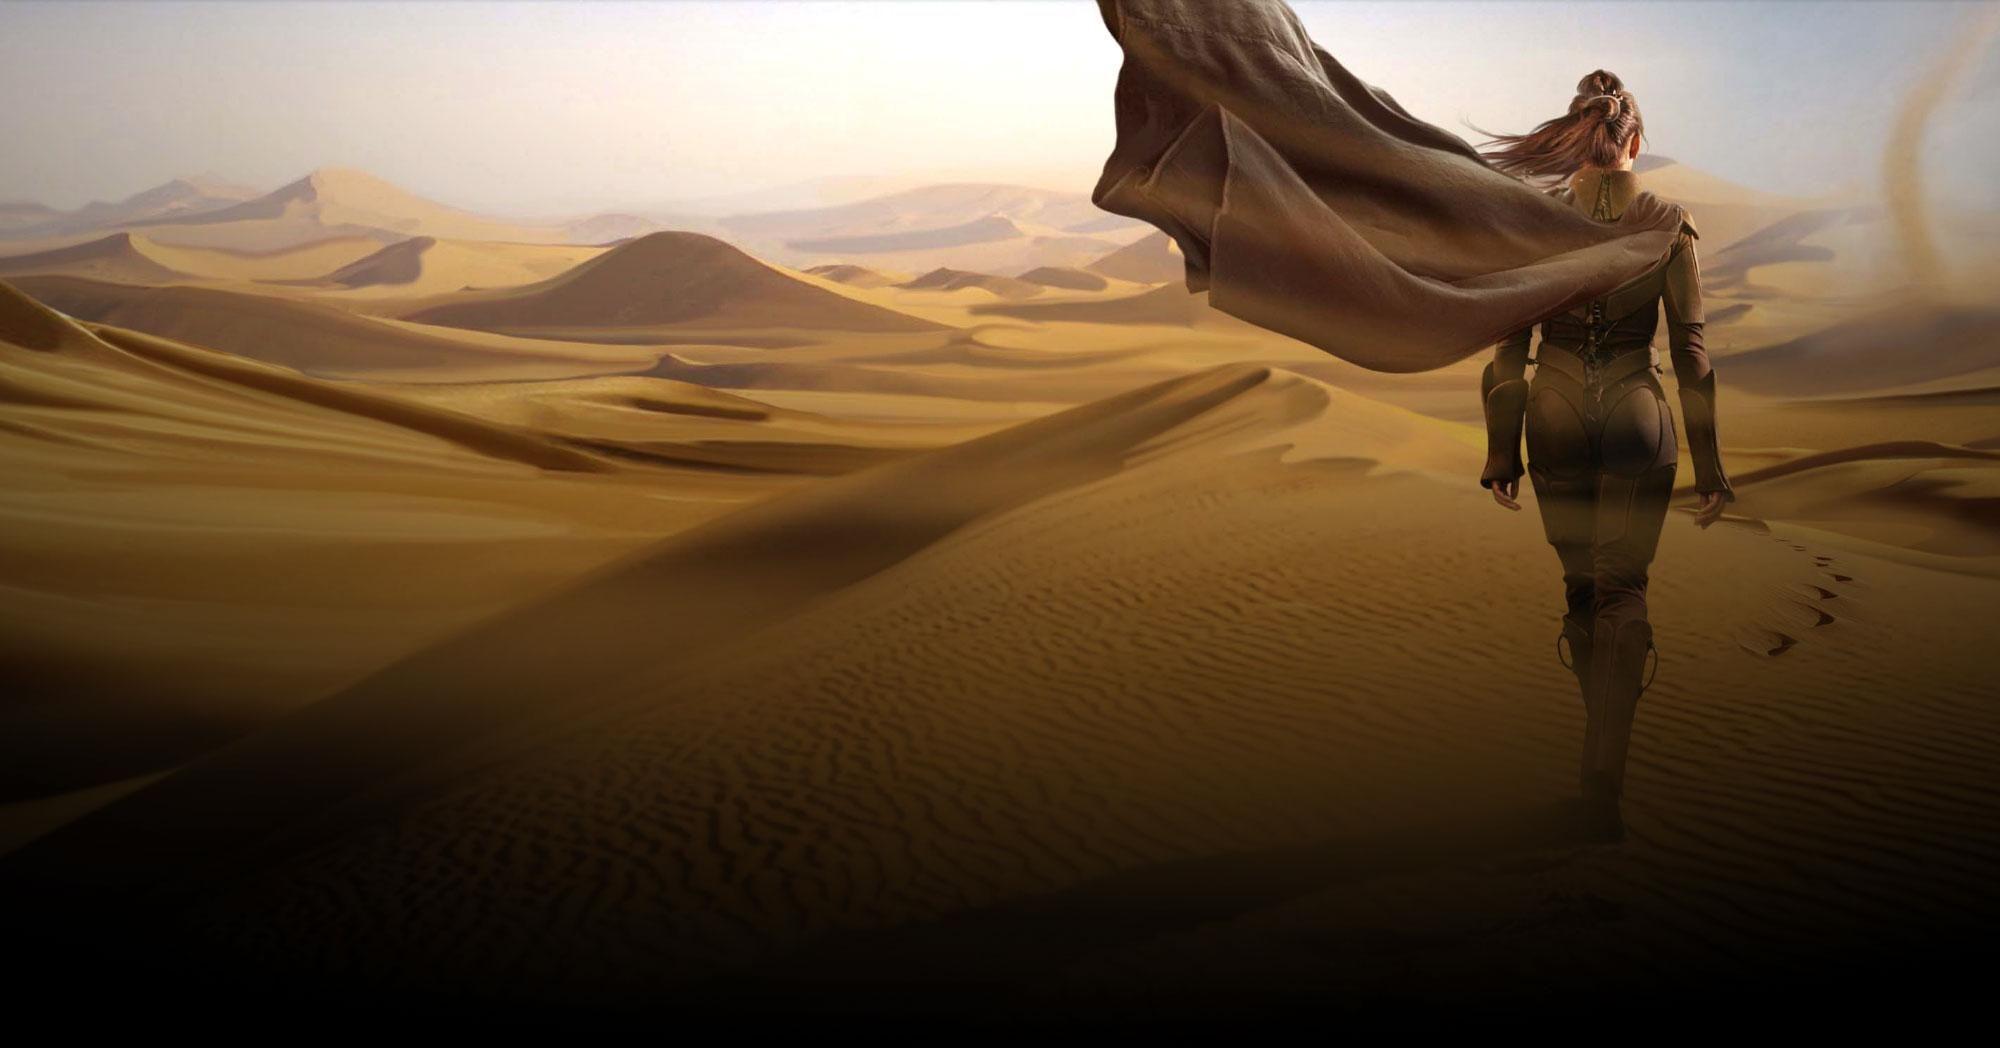 Dune Wallpapers